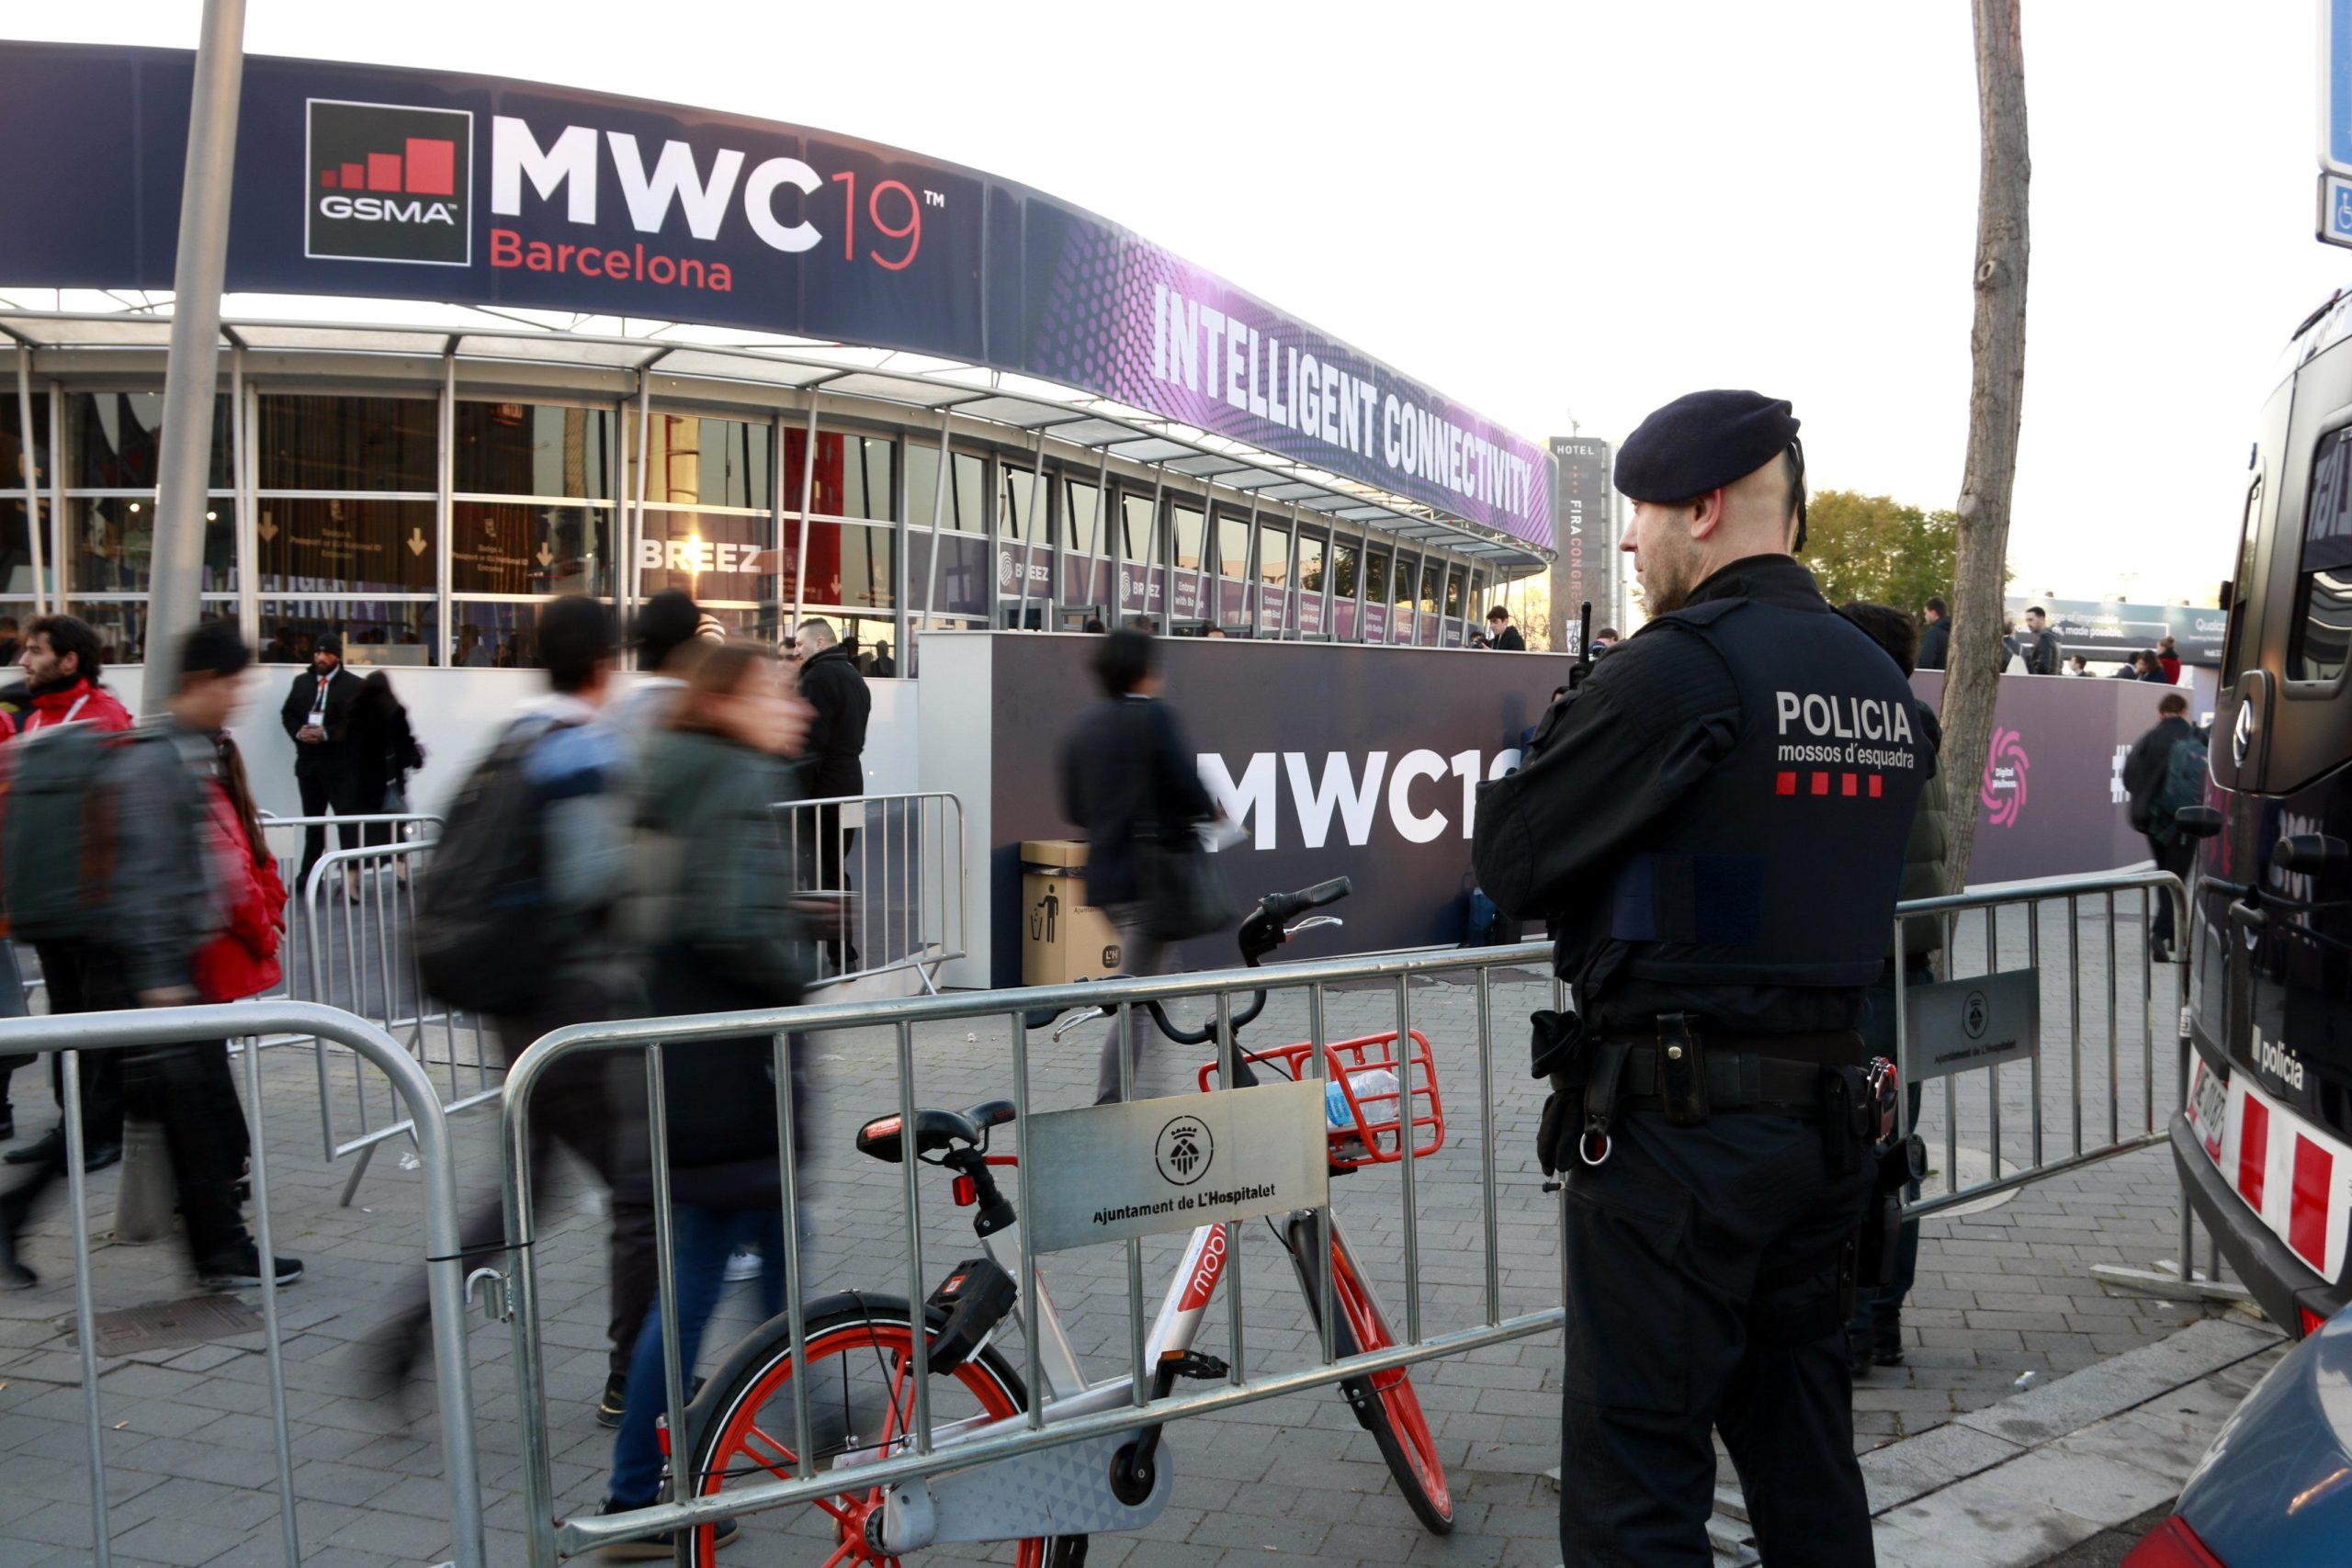 Un agent antiavalot de Mossos d'Esquadra vigilant el recinte del Mobile World Congress. / ACN (Laura Fíguls)